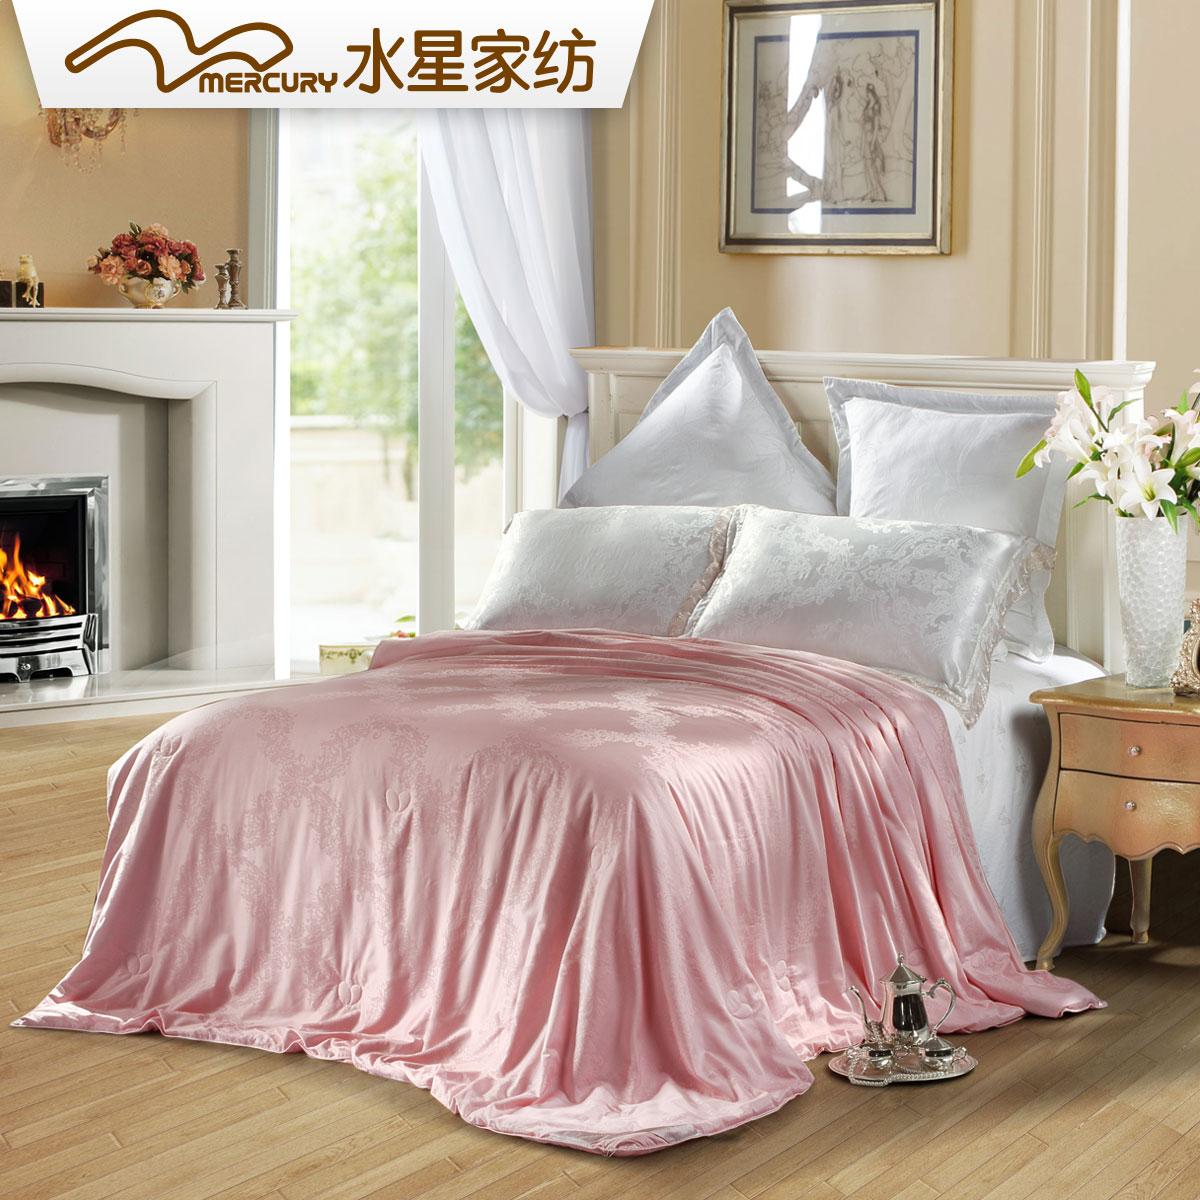 全棉家纺蚕丝提花桑蚕丝被水星提花正品床上用品纯面料冬被被芯